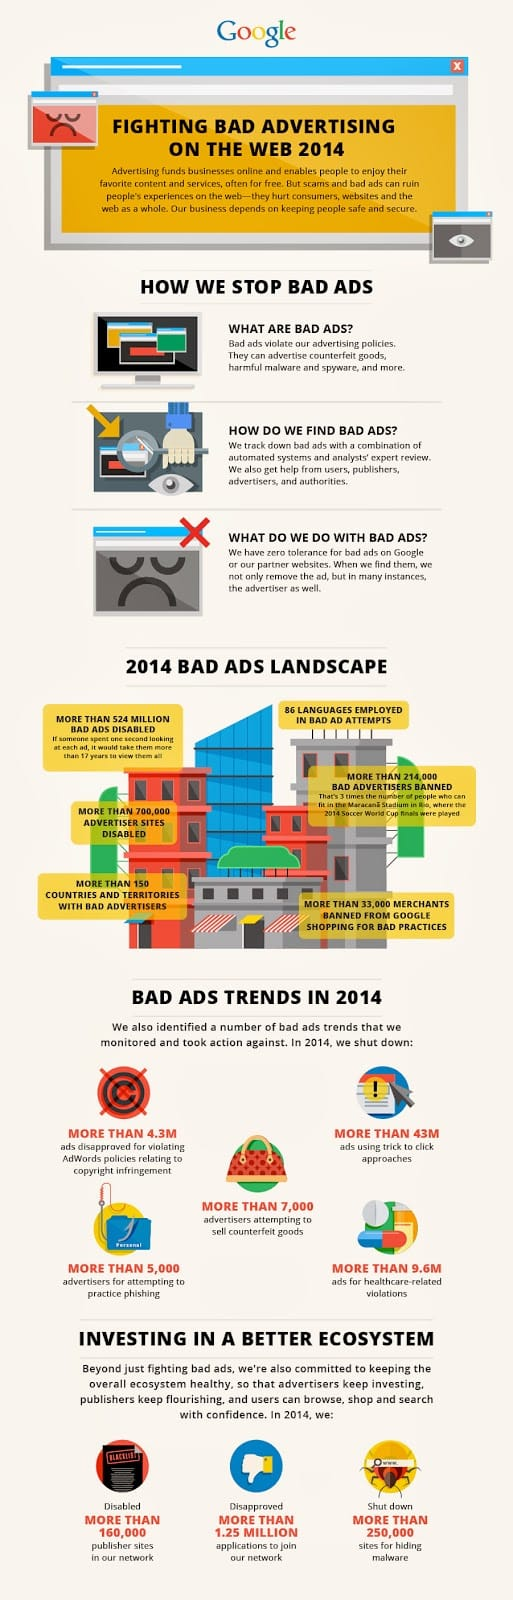 تقرير جوجل للاعلانات المزعجة